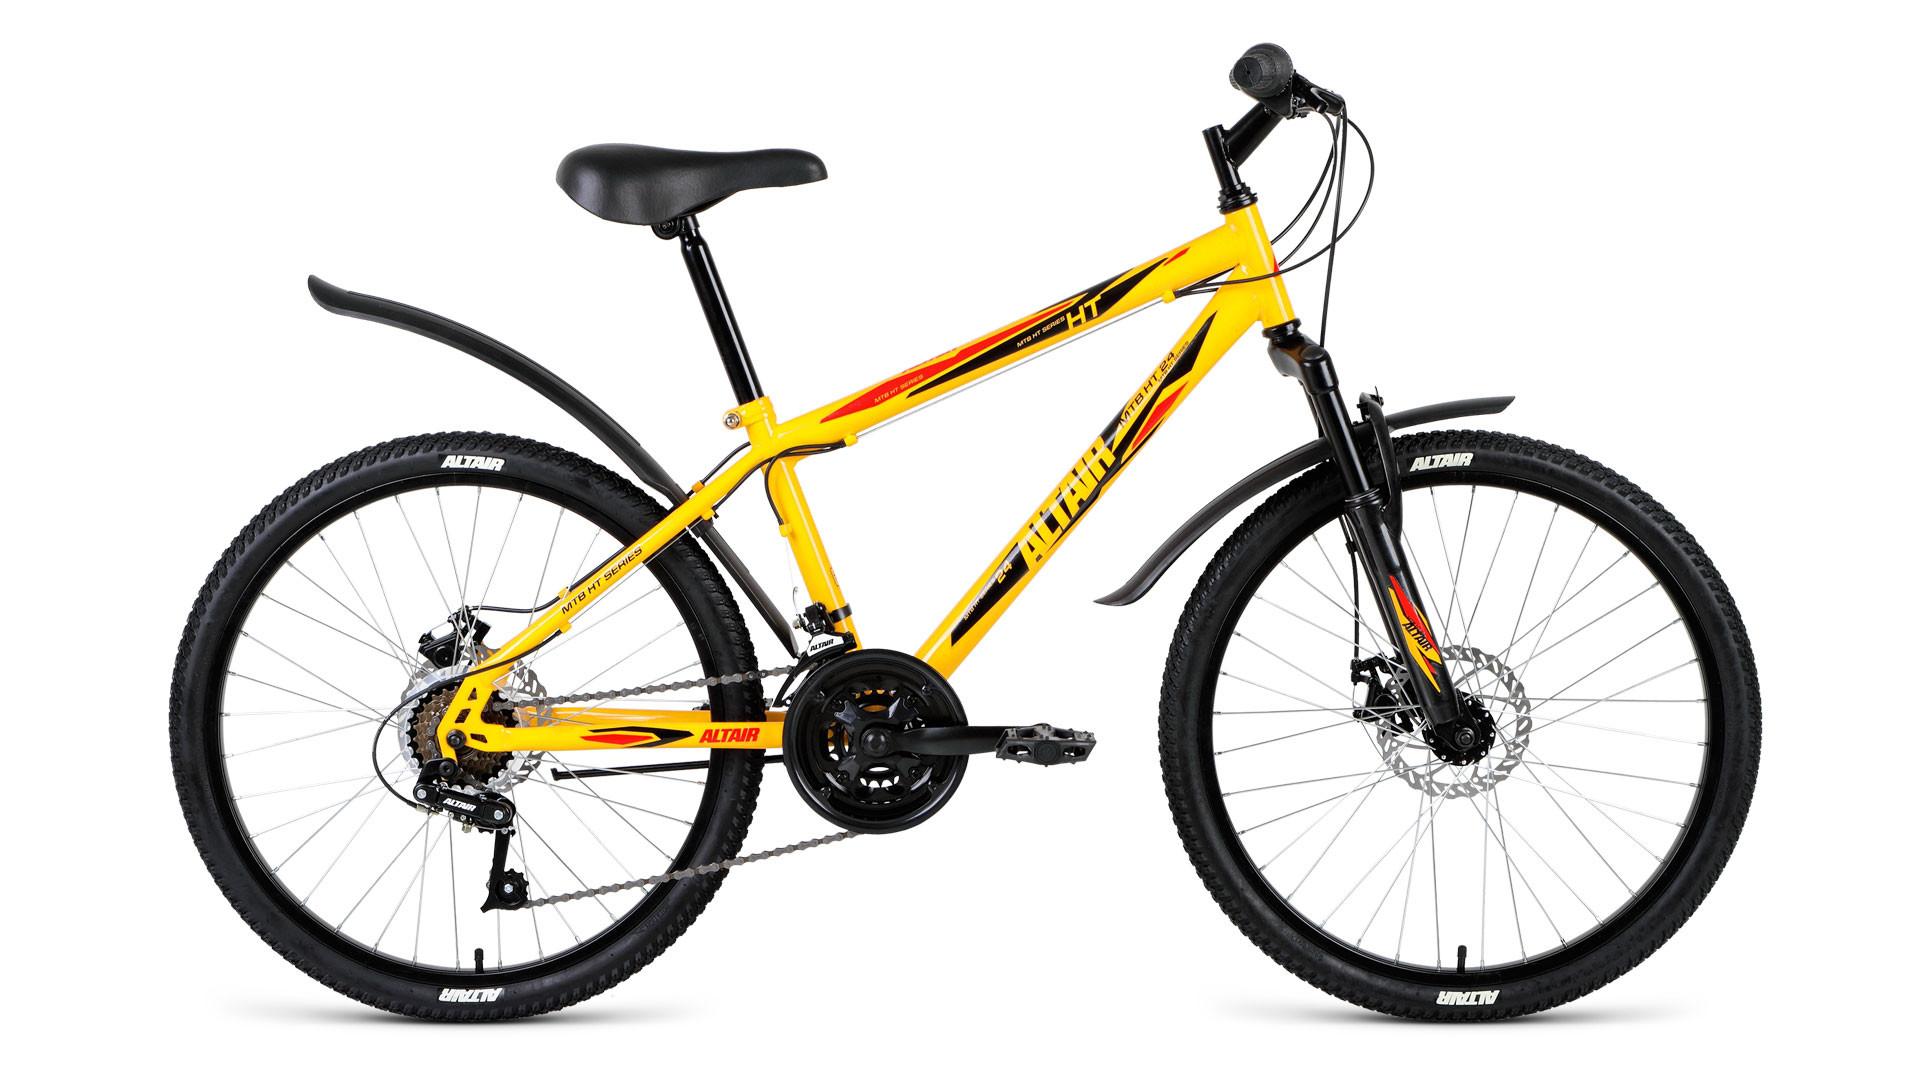 Детский велосипед Altair MTB HT 3.0 disc 2018 желтый